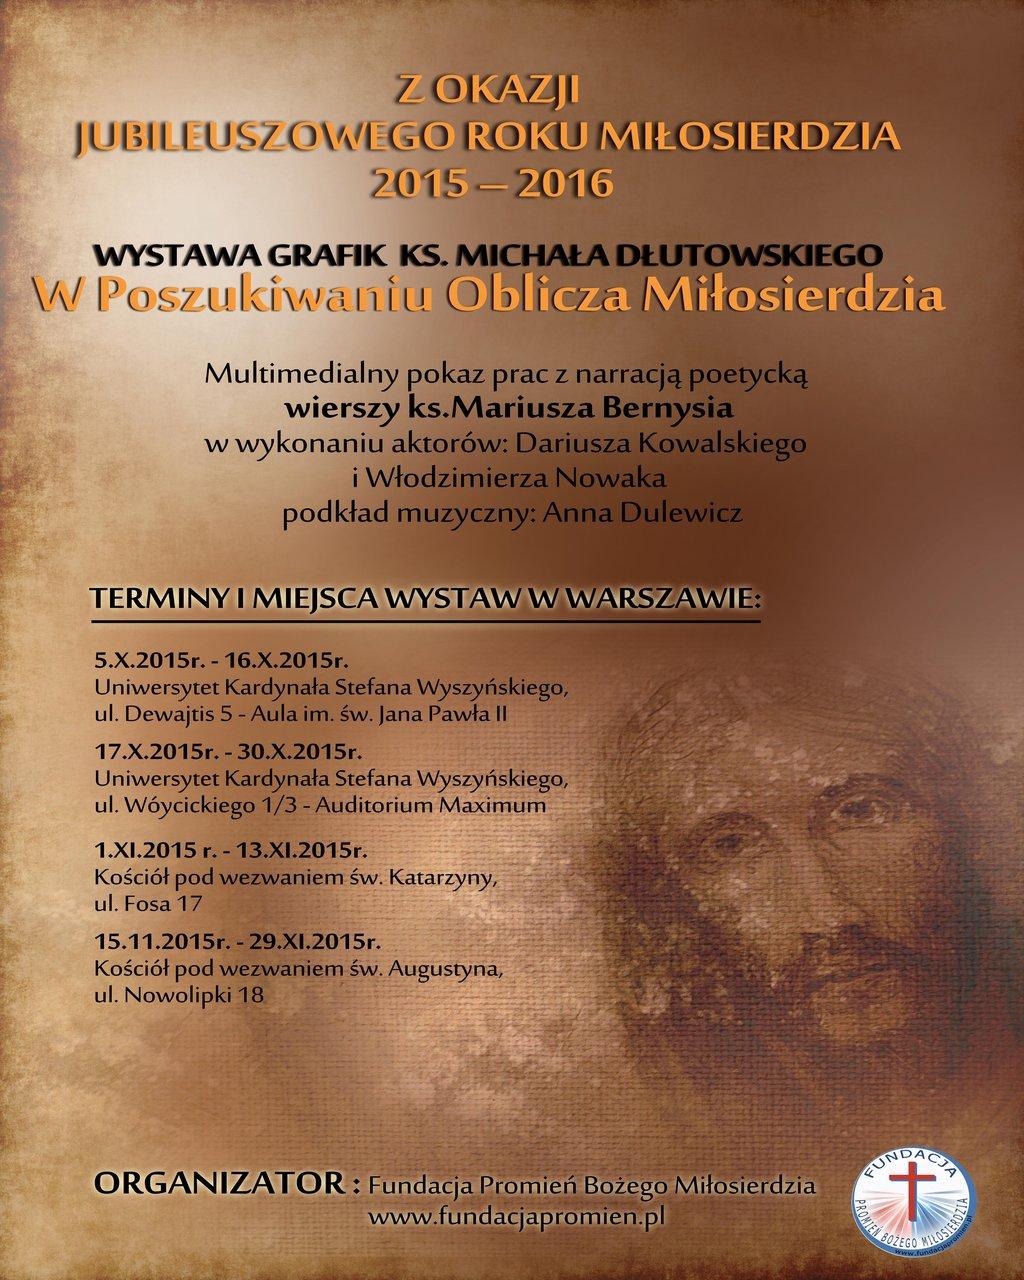 Wystawa W Poszukiwaniu Oblicza Miłosierdzia (Plakat)